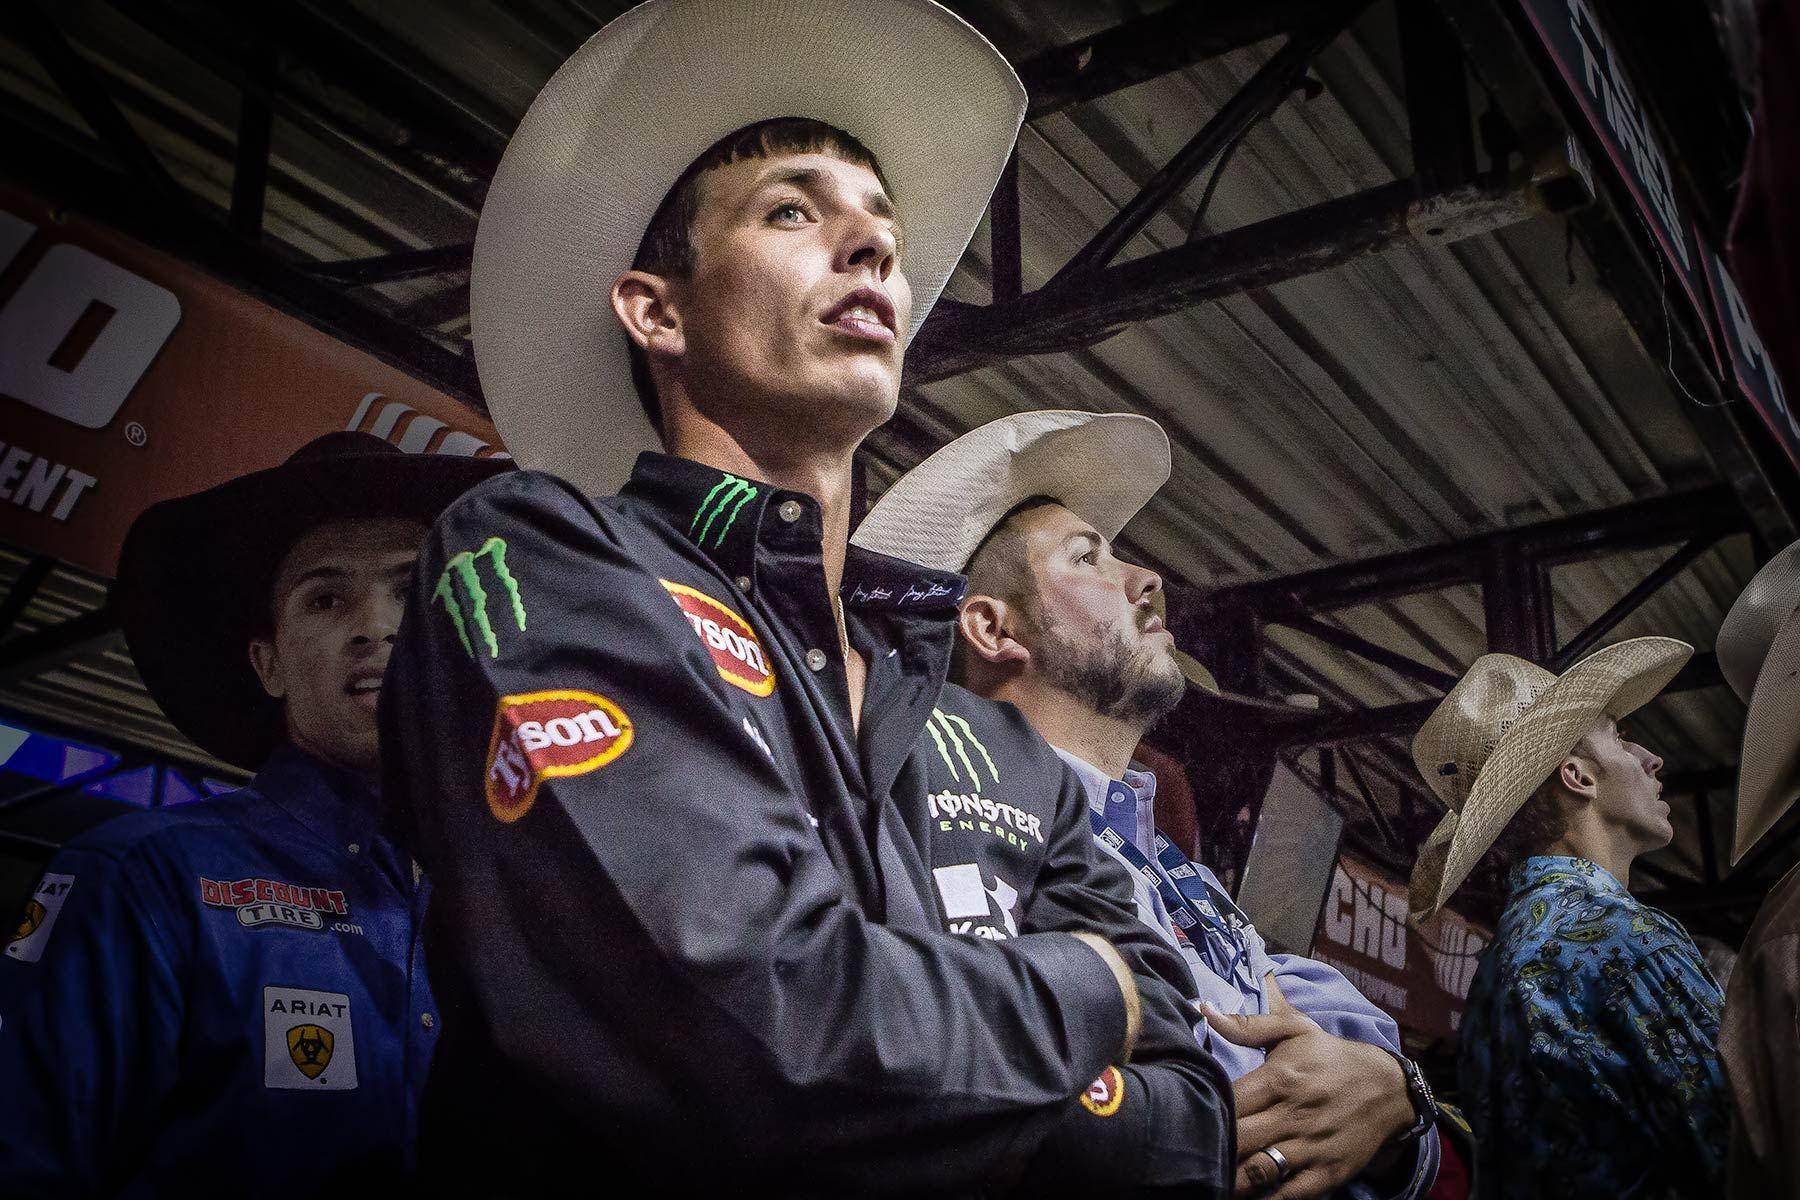 PBR Bull Rider waiting his turn